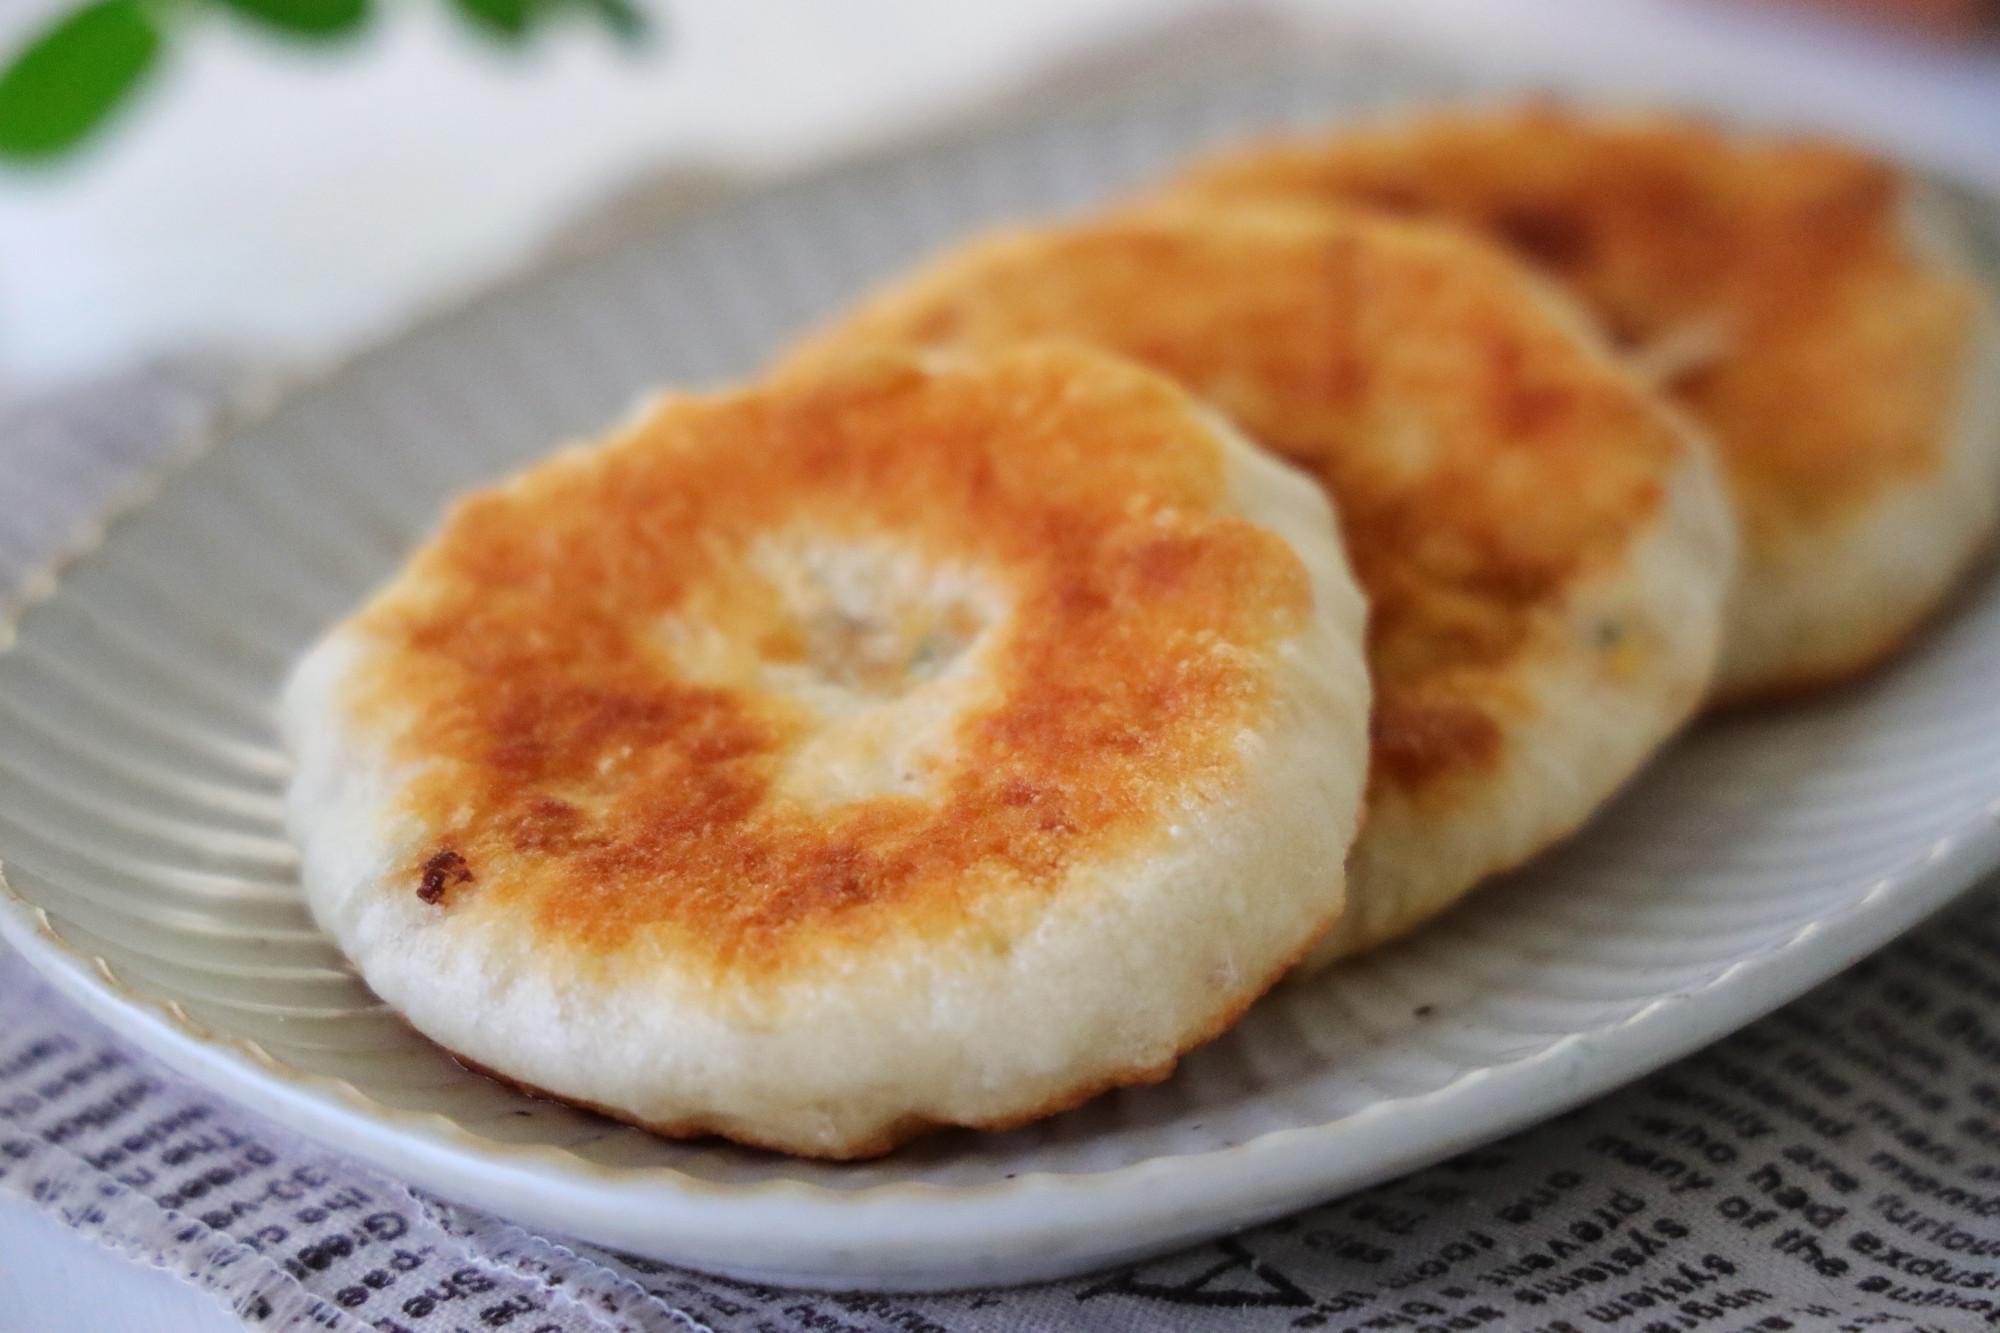 冬天要多吃白蘿蔔,教你好吃的蘿蔔餅的做法,吃一口就愛上了